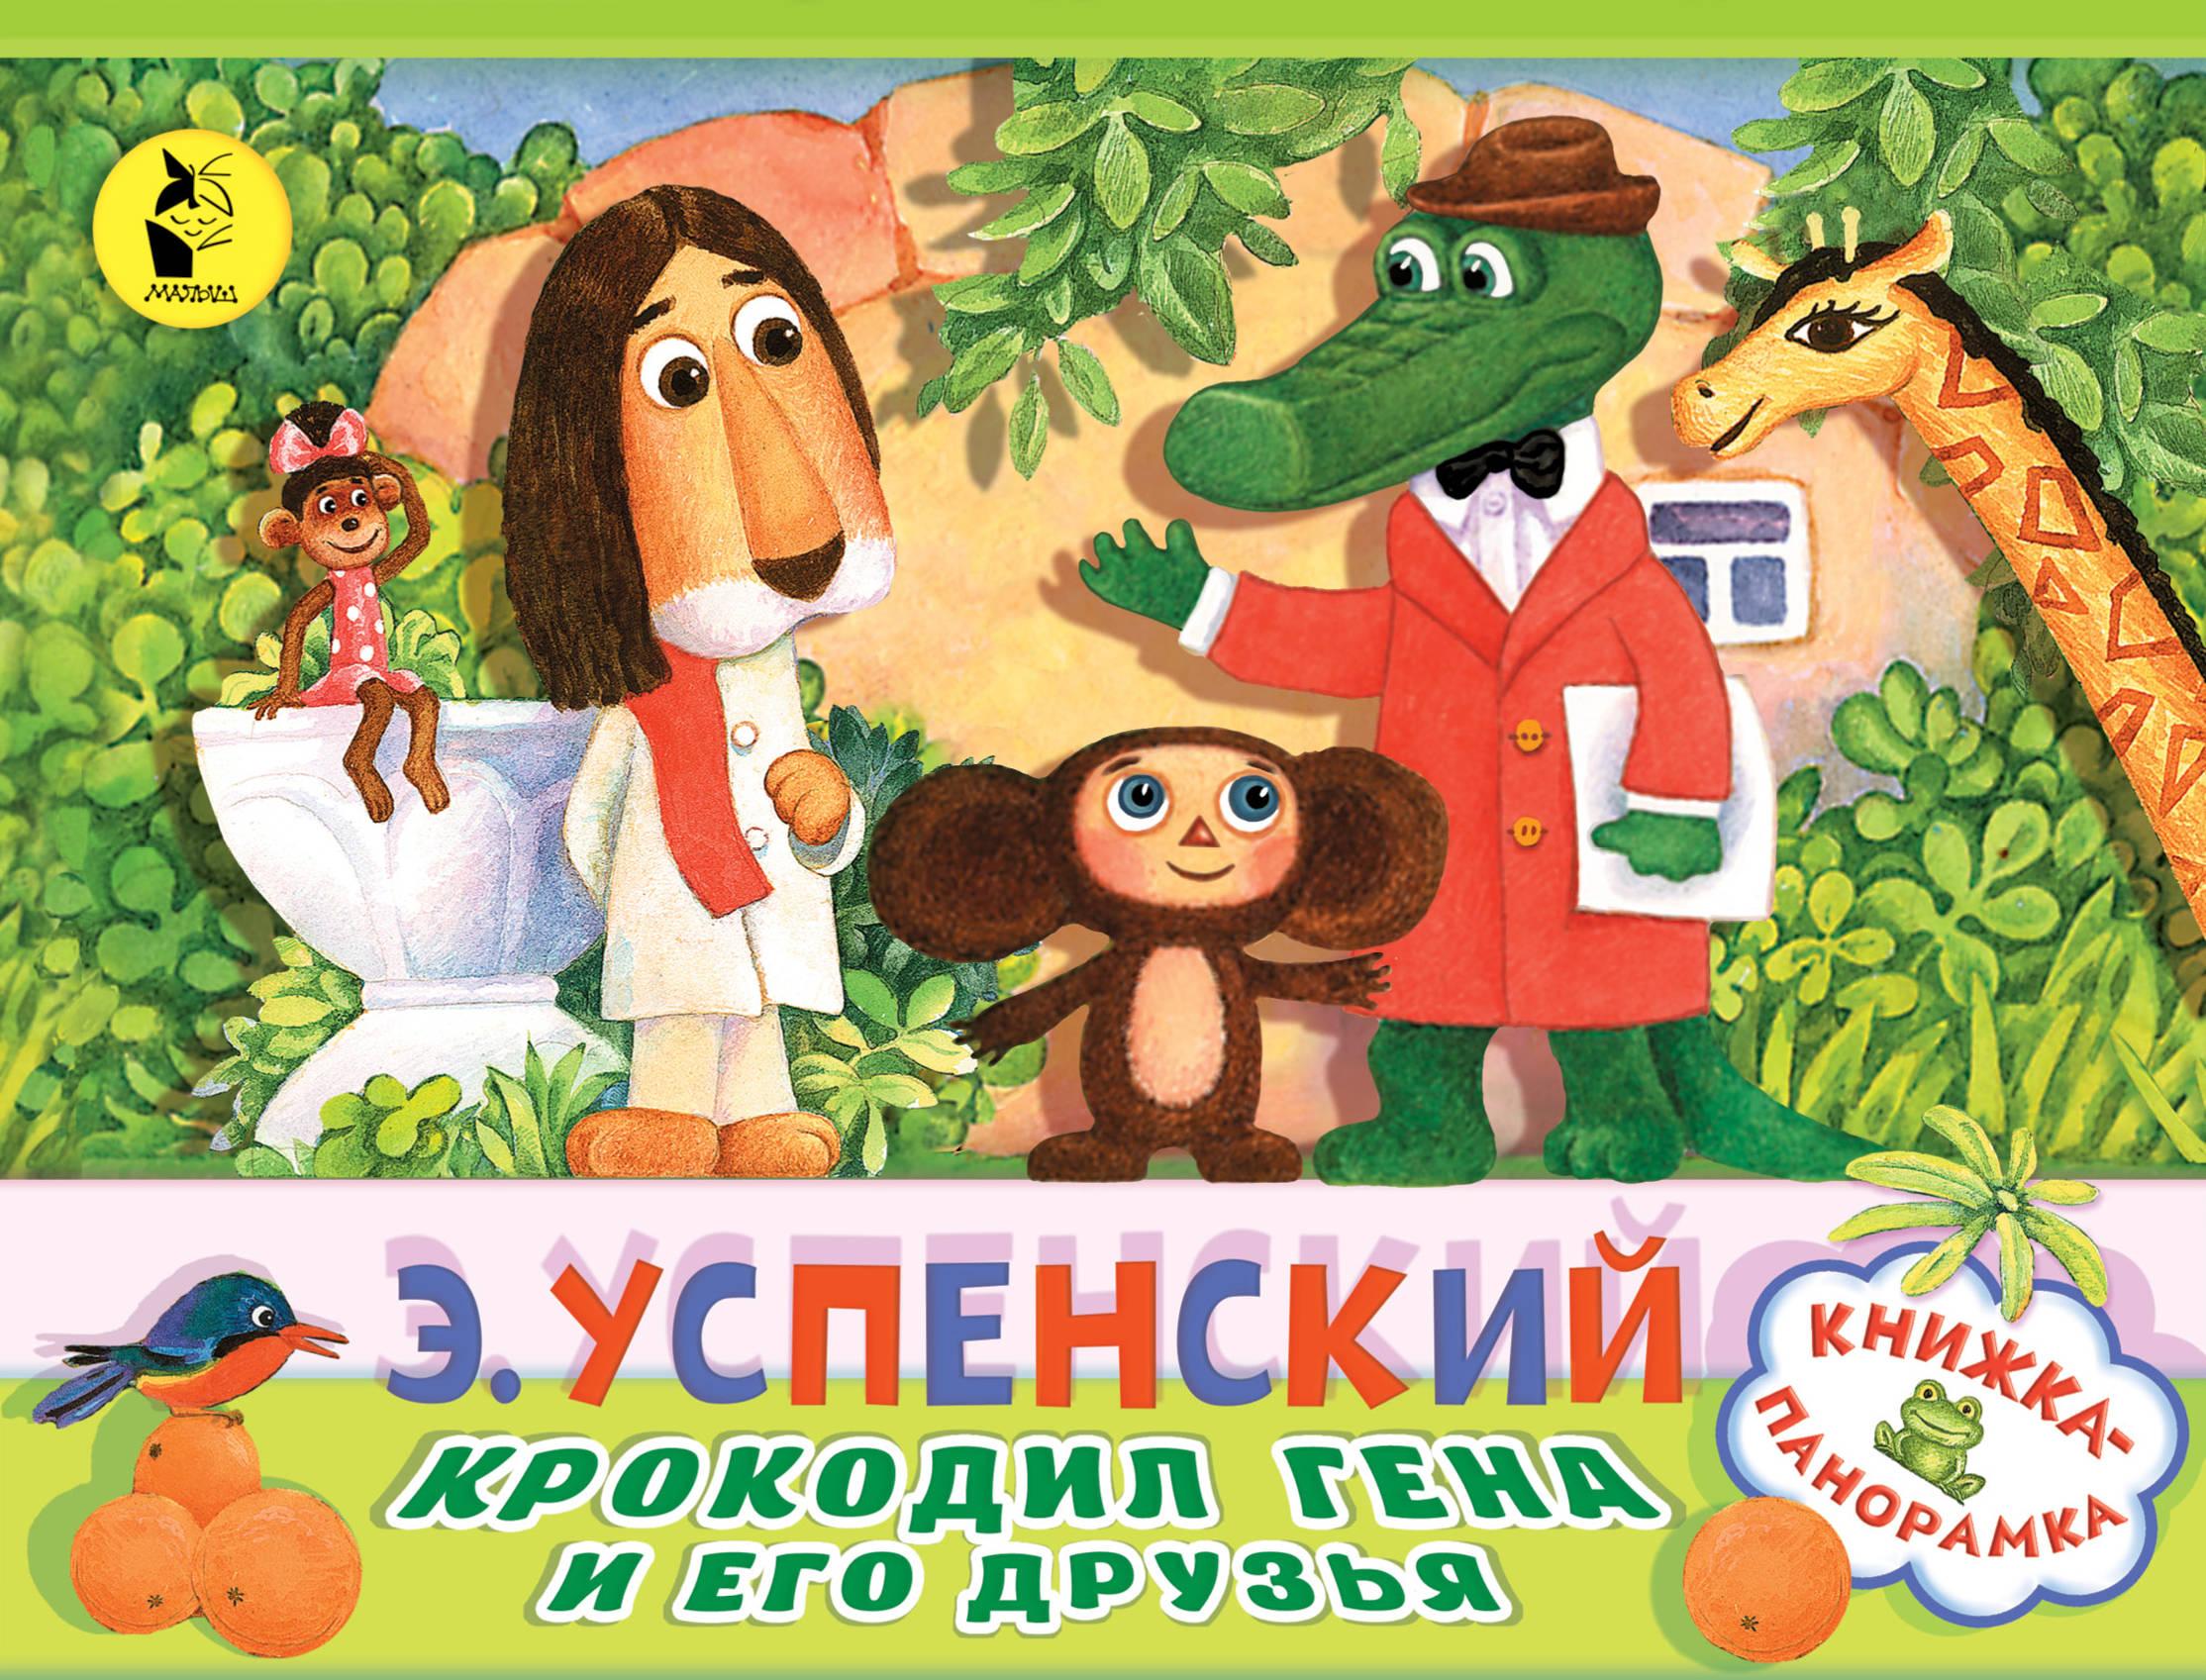 Э. Успенский Крокодил Гена и его друзья 100 любимых стихов для малышей